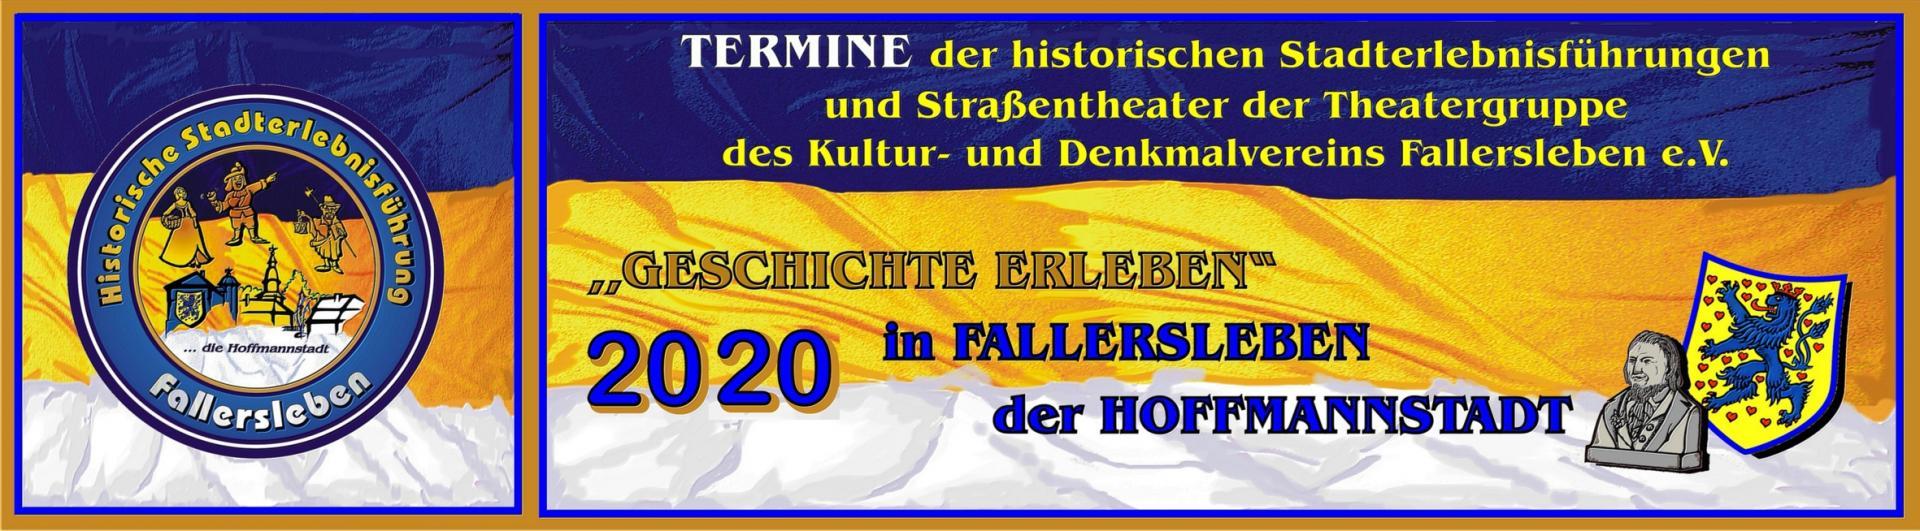 Banner Stadterlebnisführung 2020